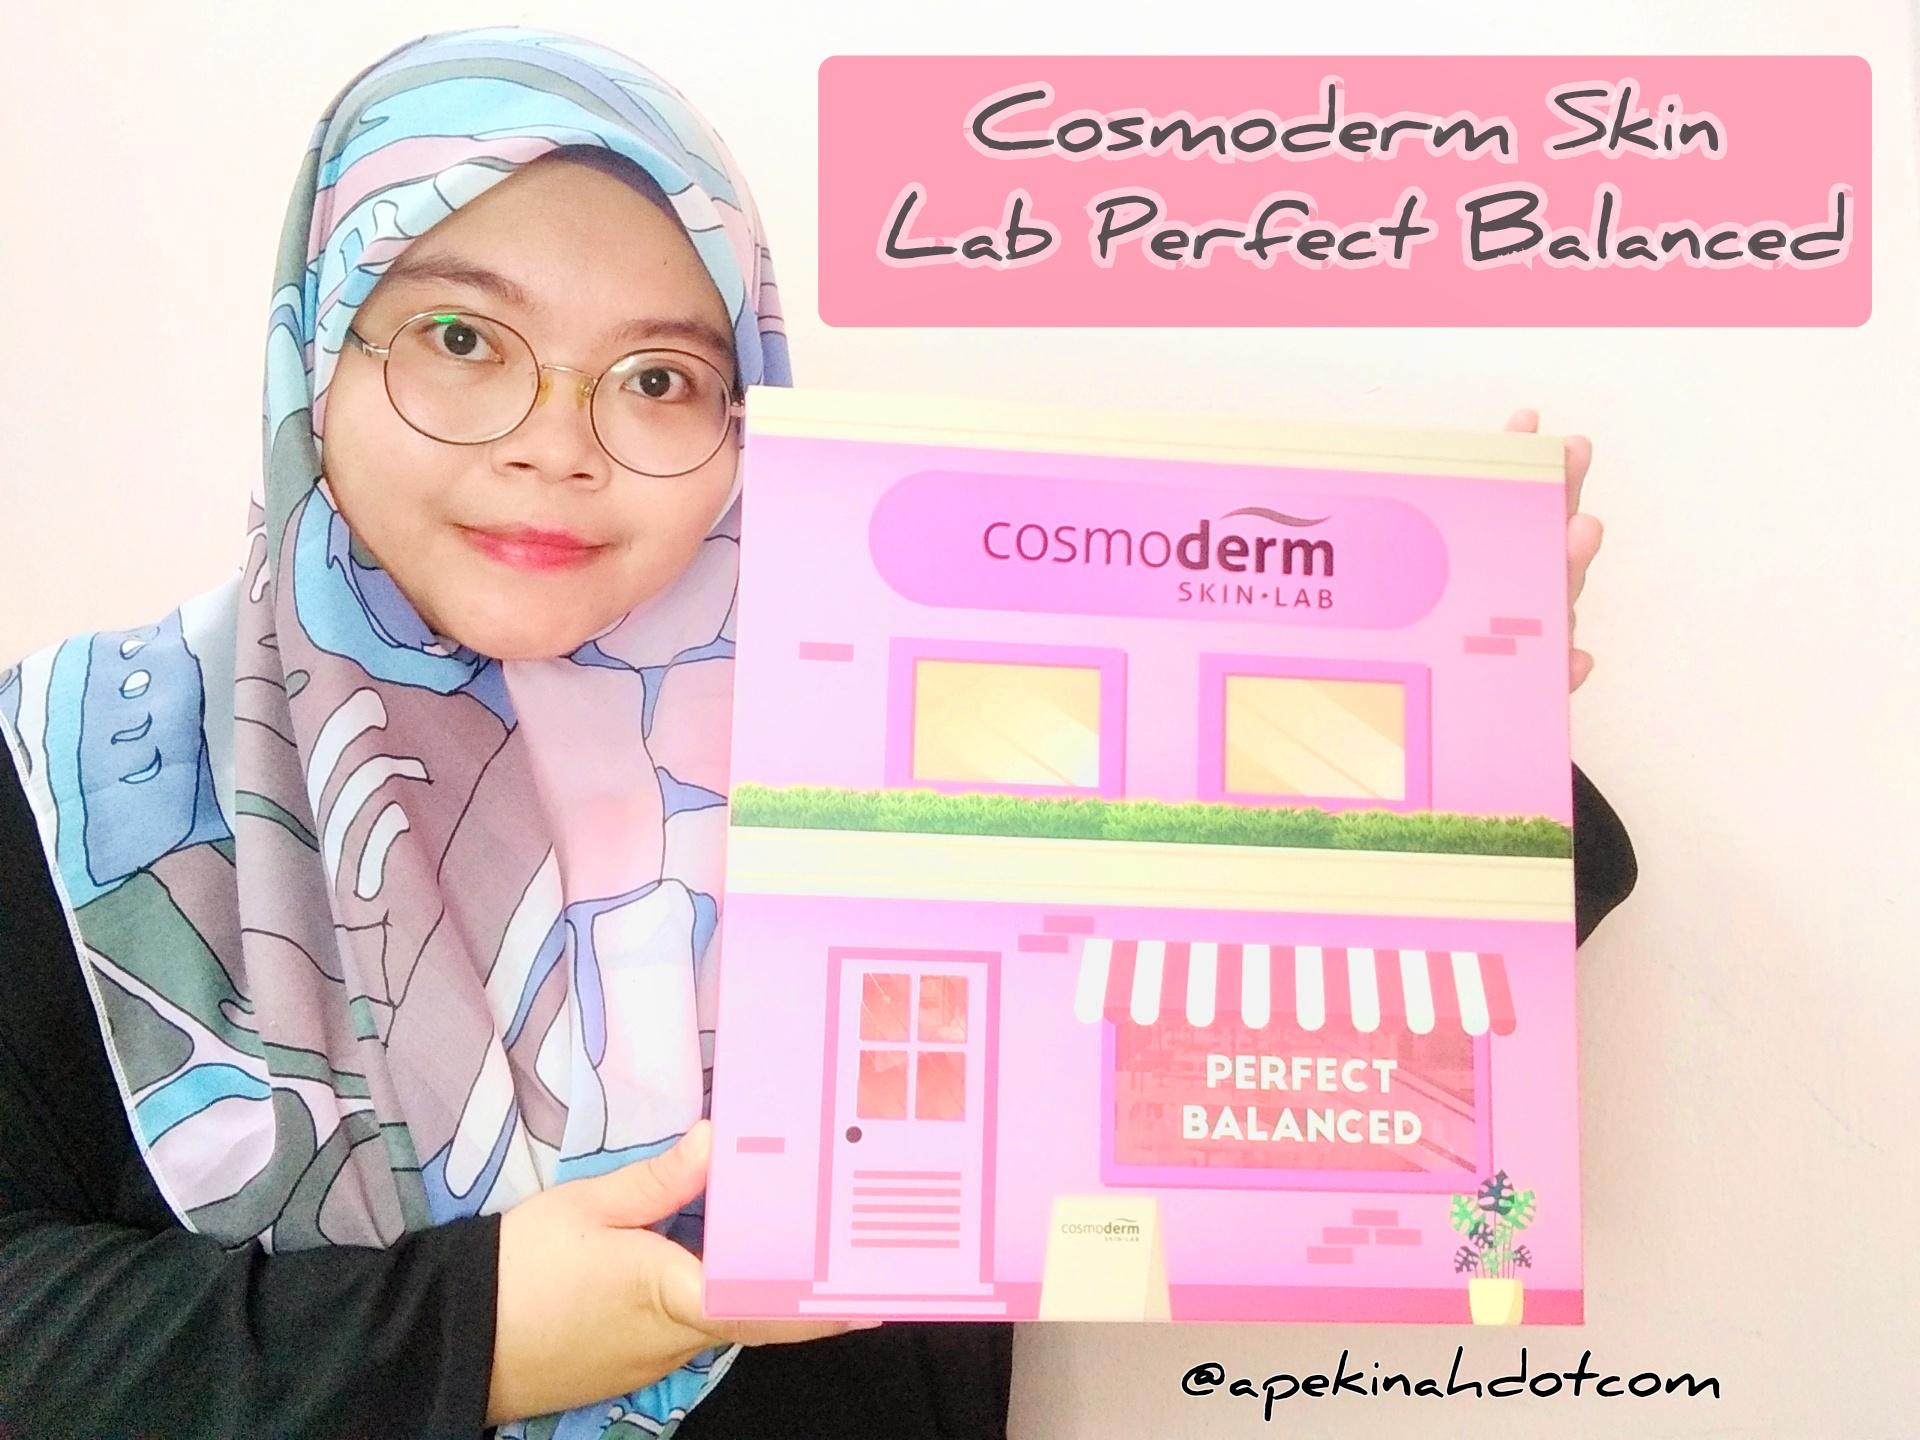 Rangkaian Cosmoderm Skin Lab Perfect Balanced Mengandungi Prebiotik & Calamine Untuk Tingkatkan Kesihatan Kulit Wajah